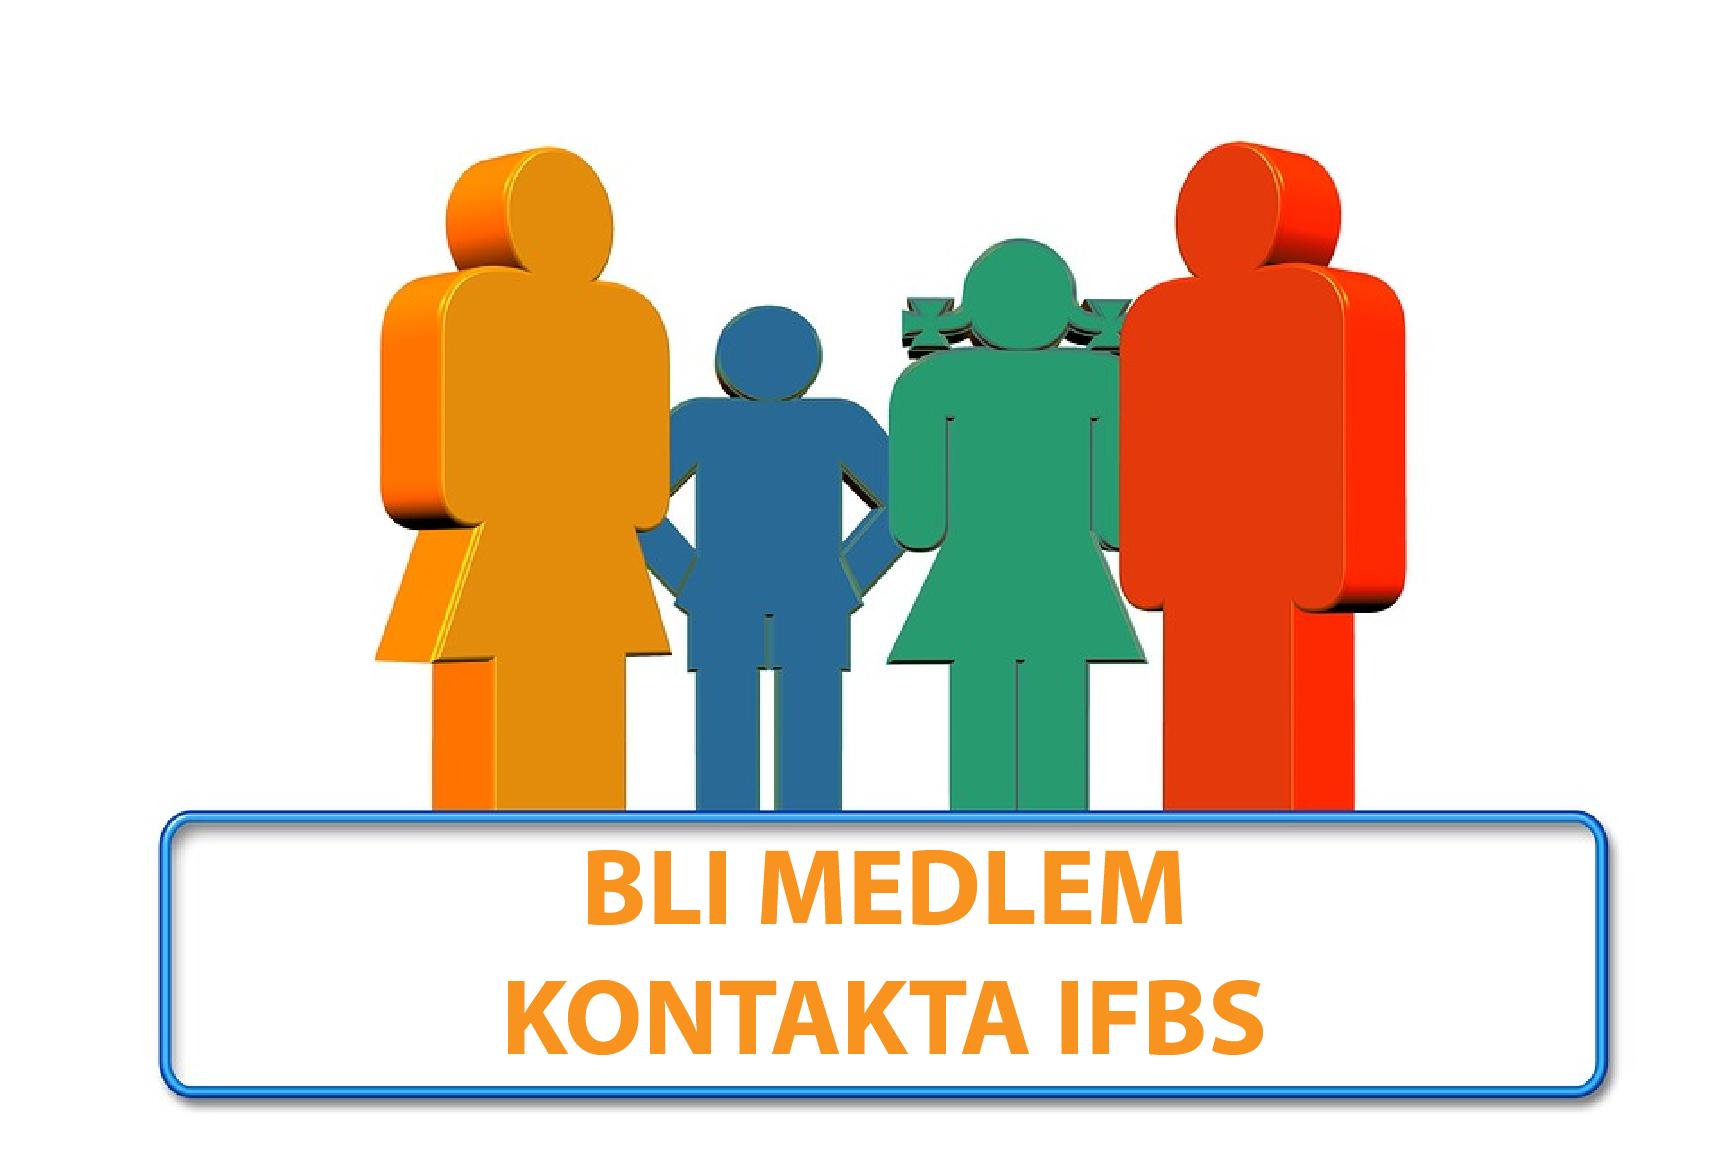 bli-medlem-ifbs